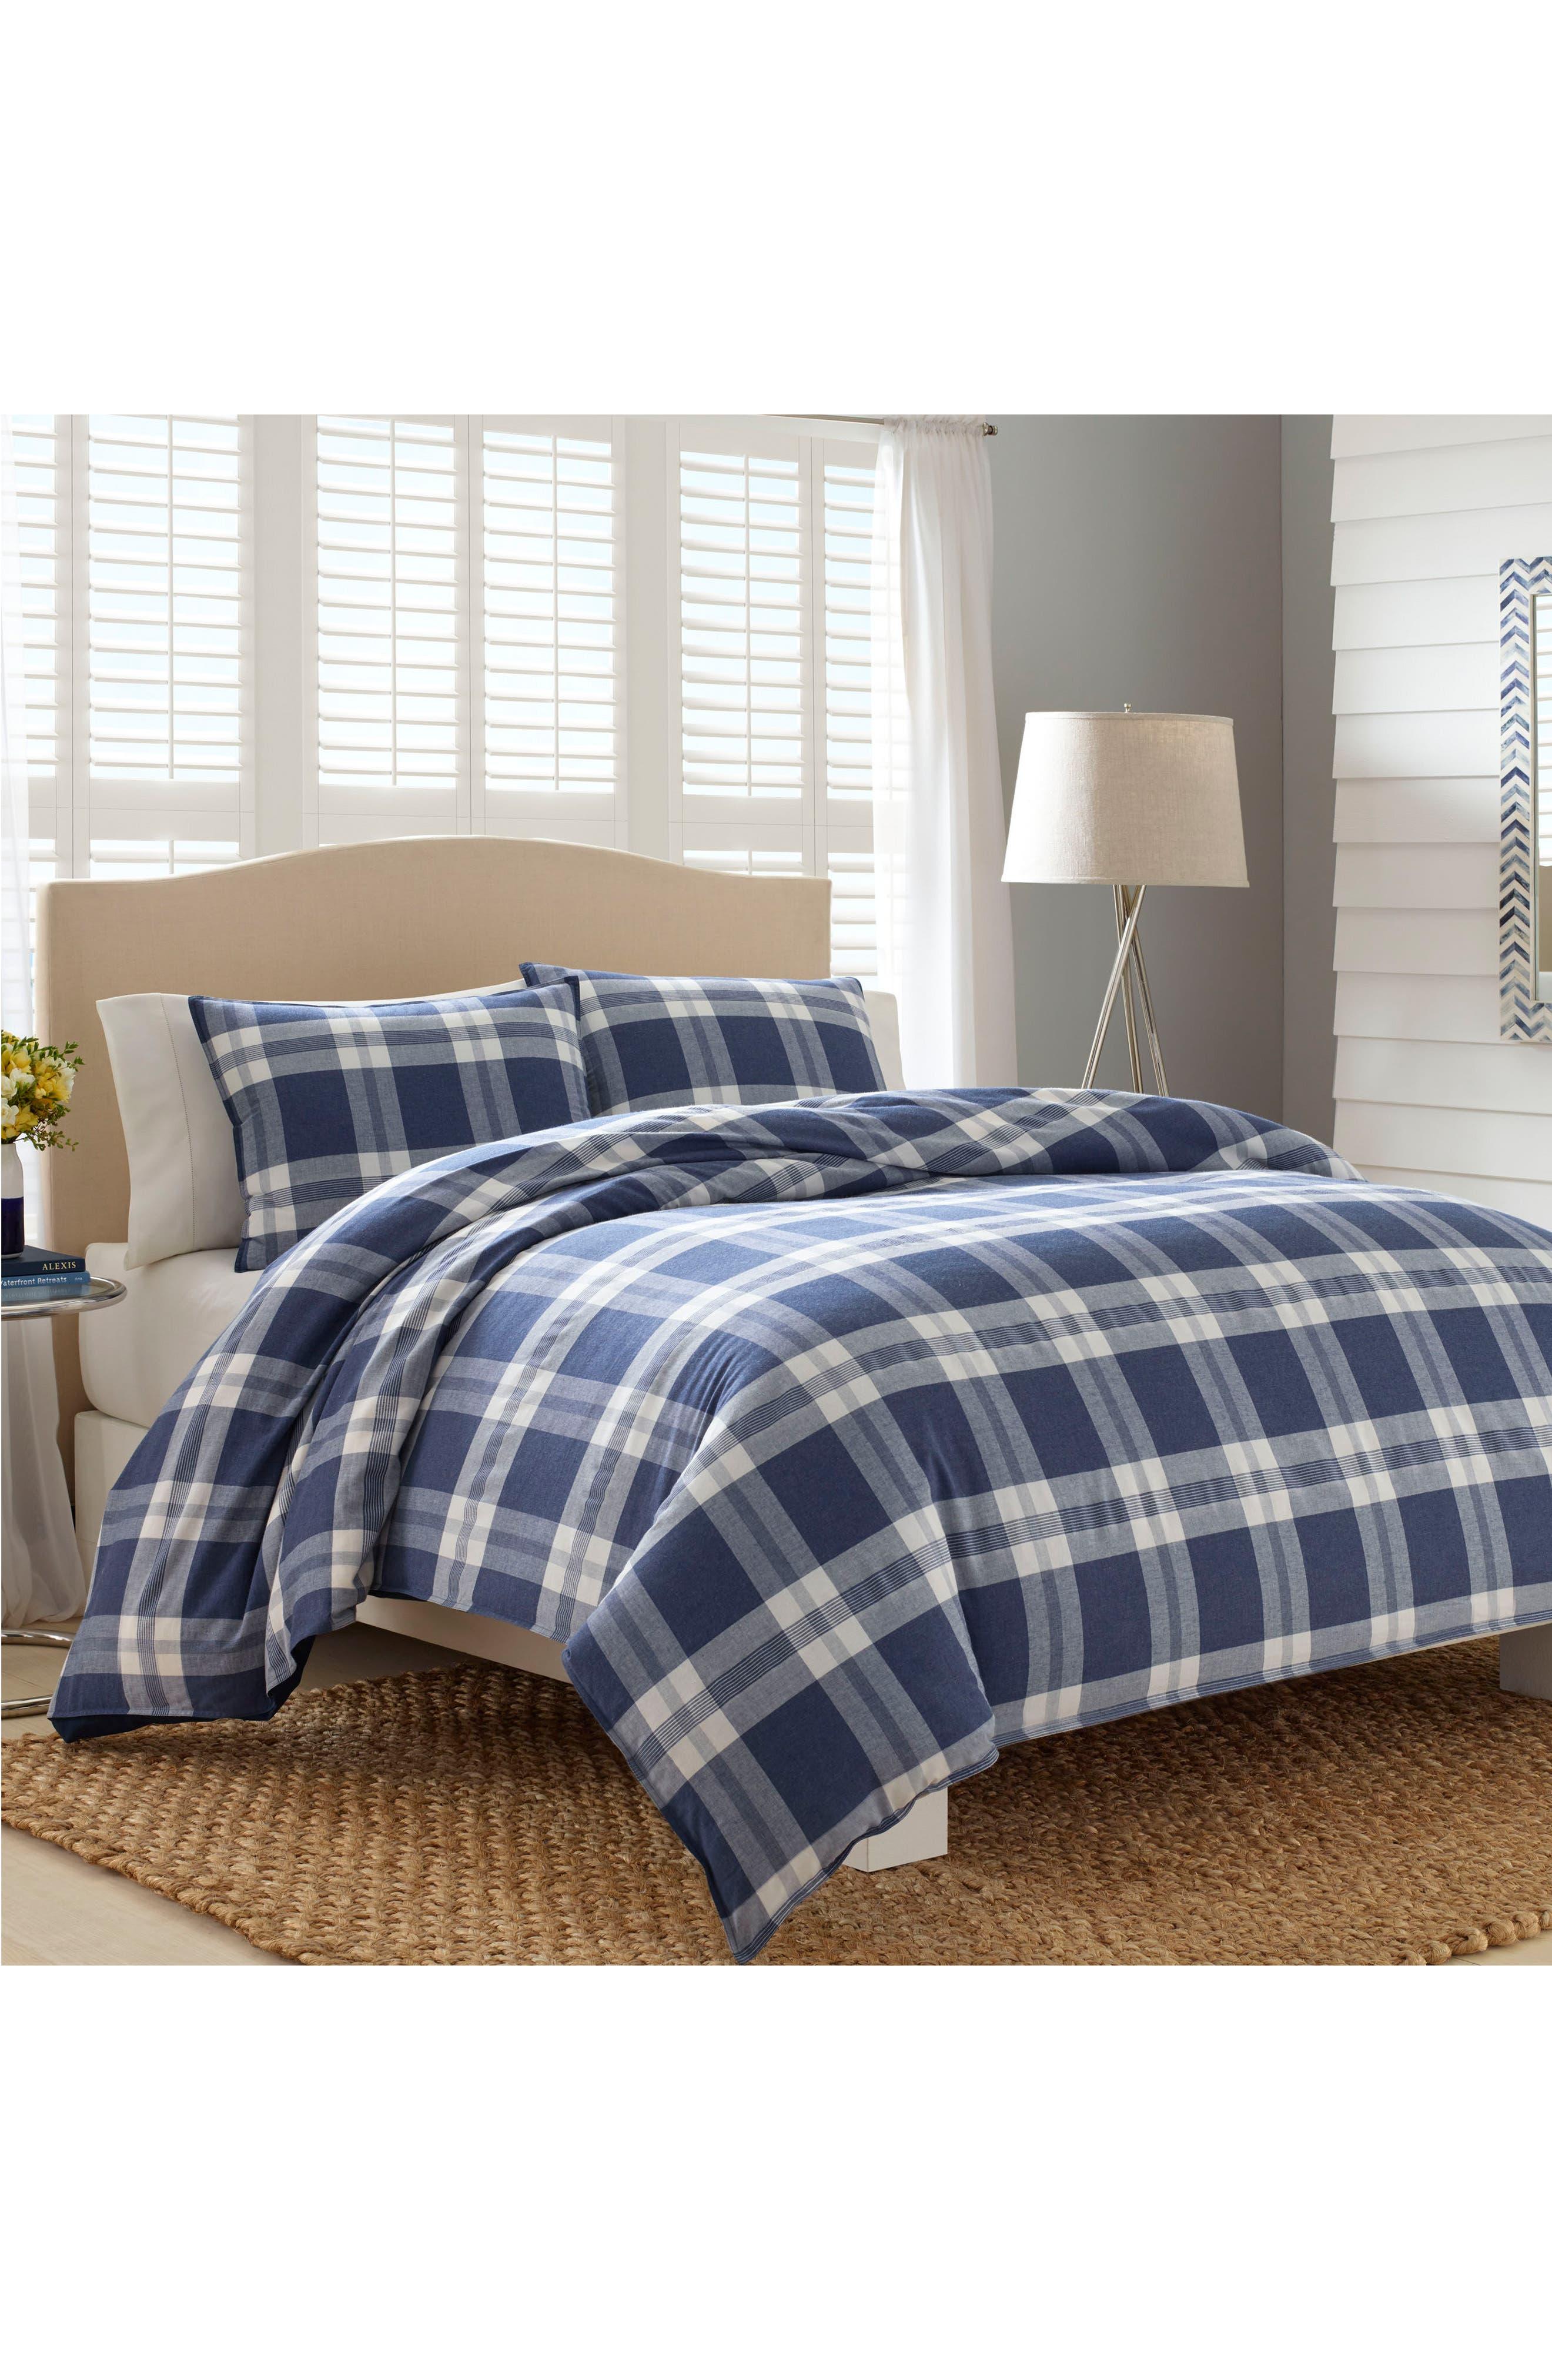 Cunningham Comforter & Sham Set,                         Main,                         color, 425